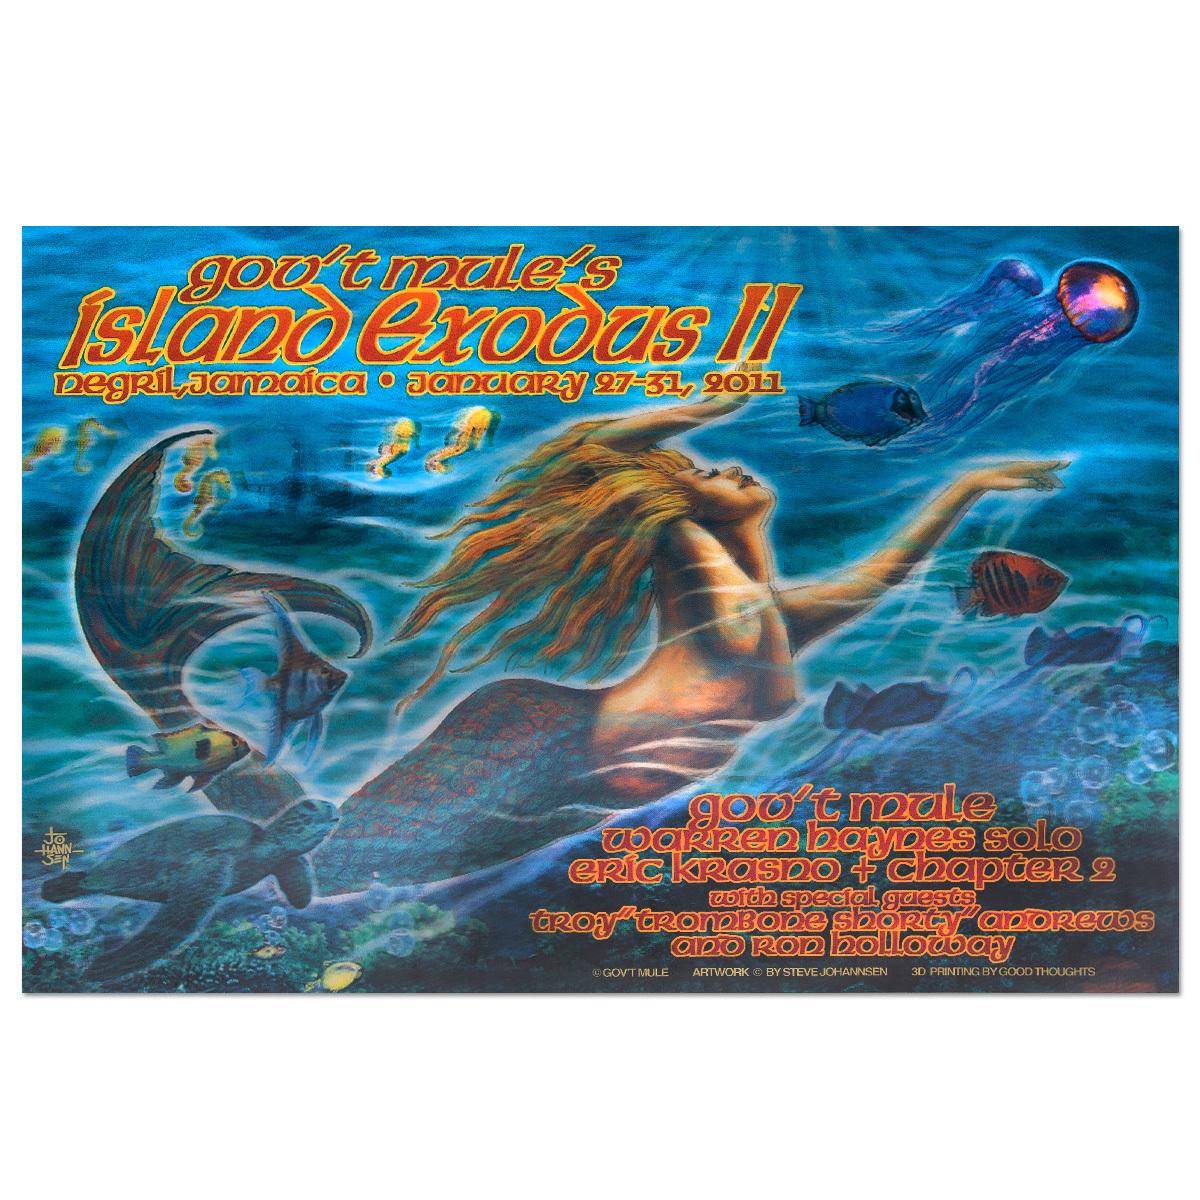 Gov't Mule Island Exodus II (2011) Event Poster